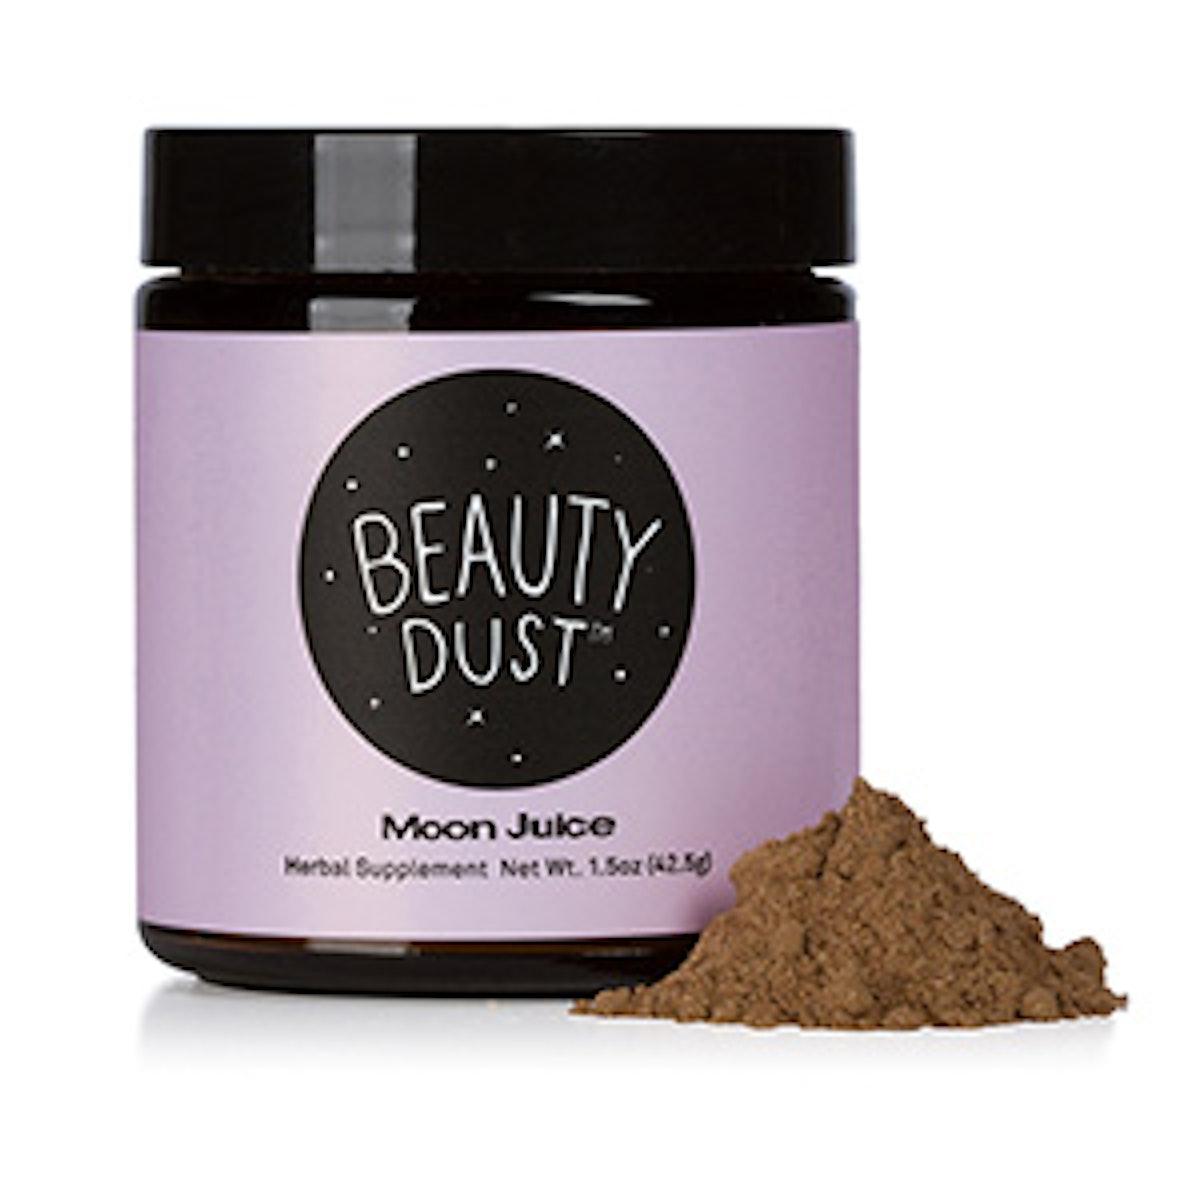 Beauty Dust